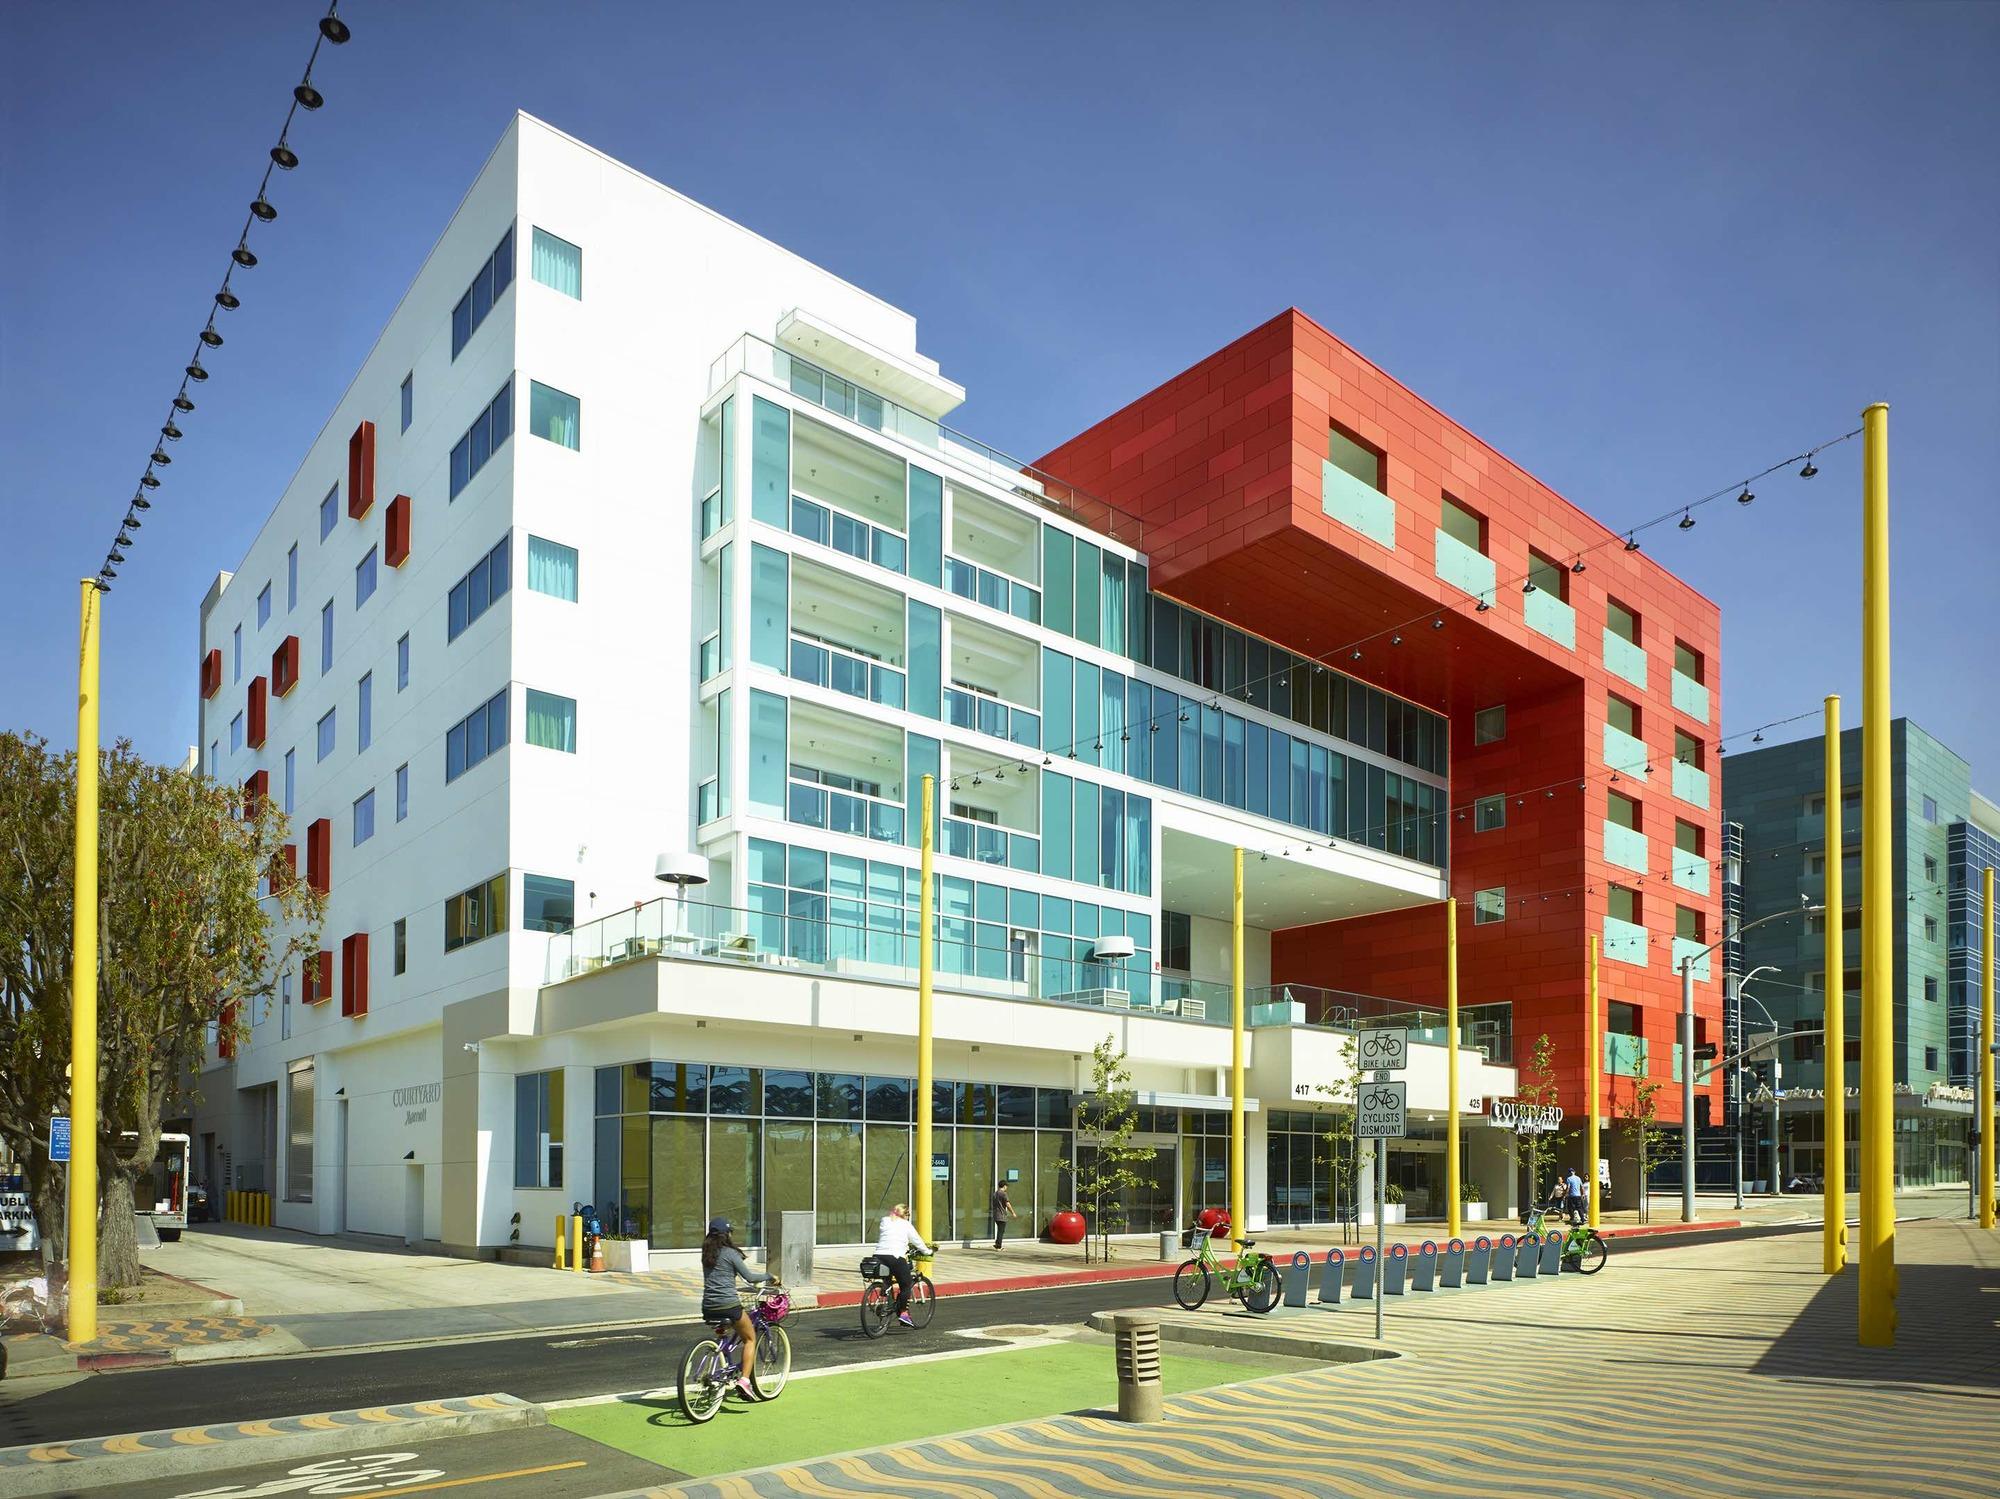 Downtown santa monica hotels gwynne pugh urban studio for Hotel design genes